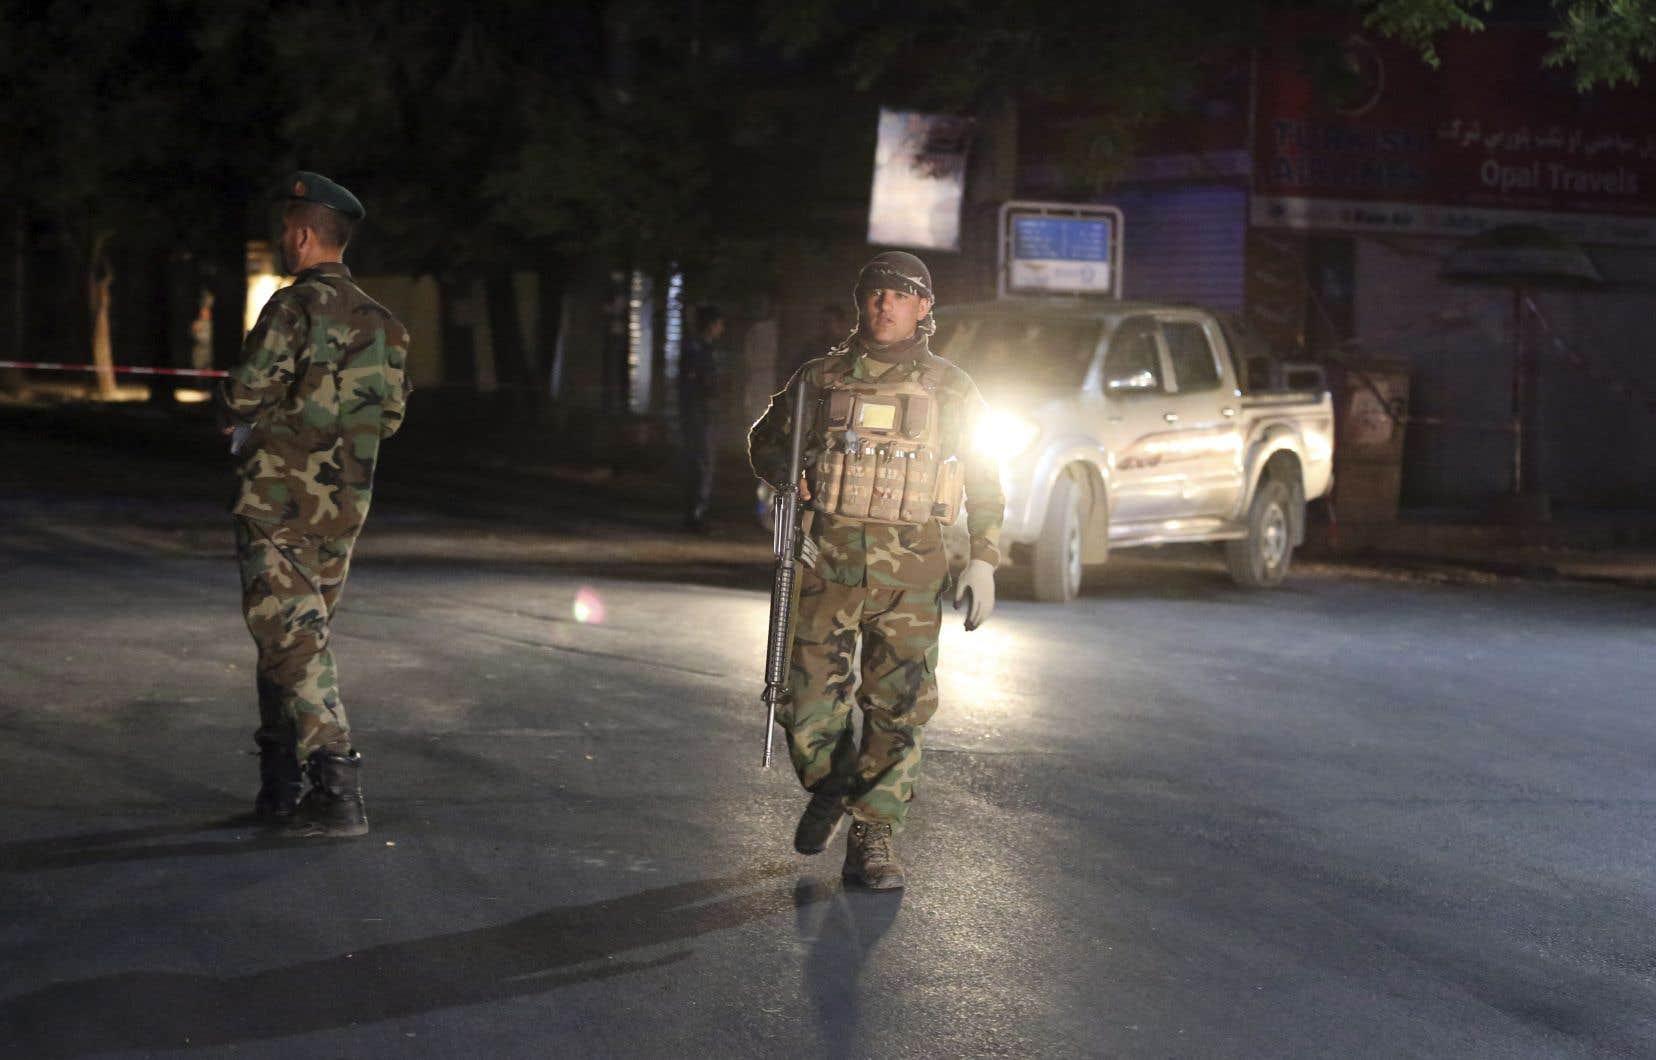 Les talibans ont cessé d'attaquer les forces étrangères, mais poursuivent leurs attaques meurtrières dans le pays. <b>Sur cette photo, des soldats afghans patrouillant après un attentat à la bombe dans une mosquée de Kaboul, le 2 juin dernier.</b>